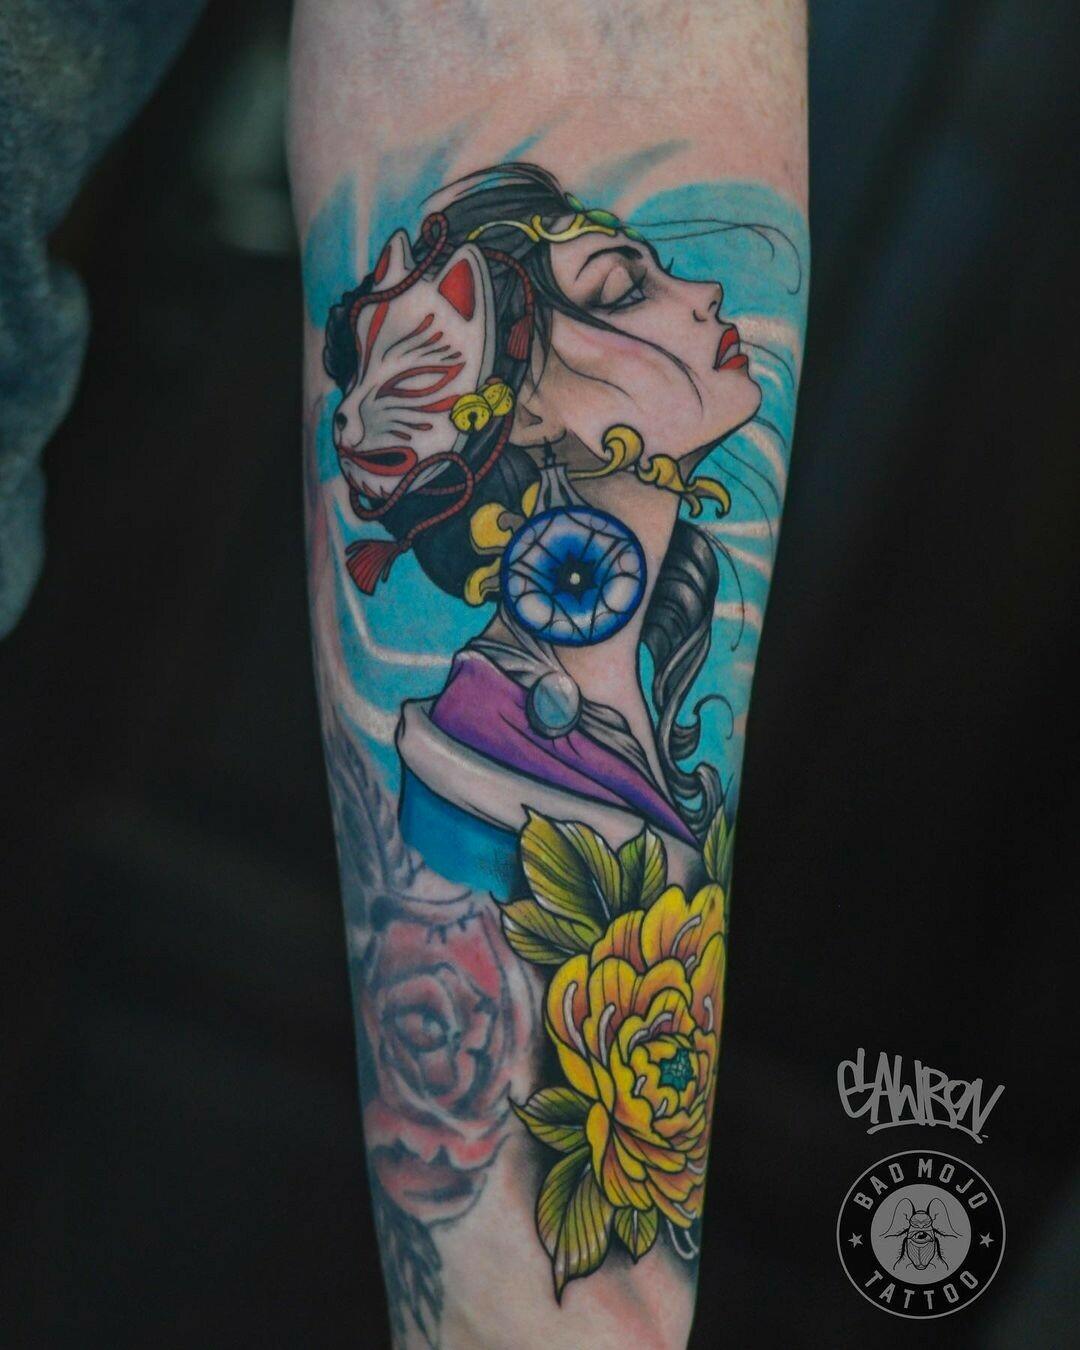 Inksearch tattoo Gawron